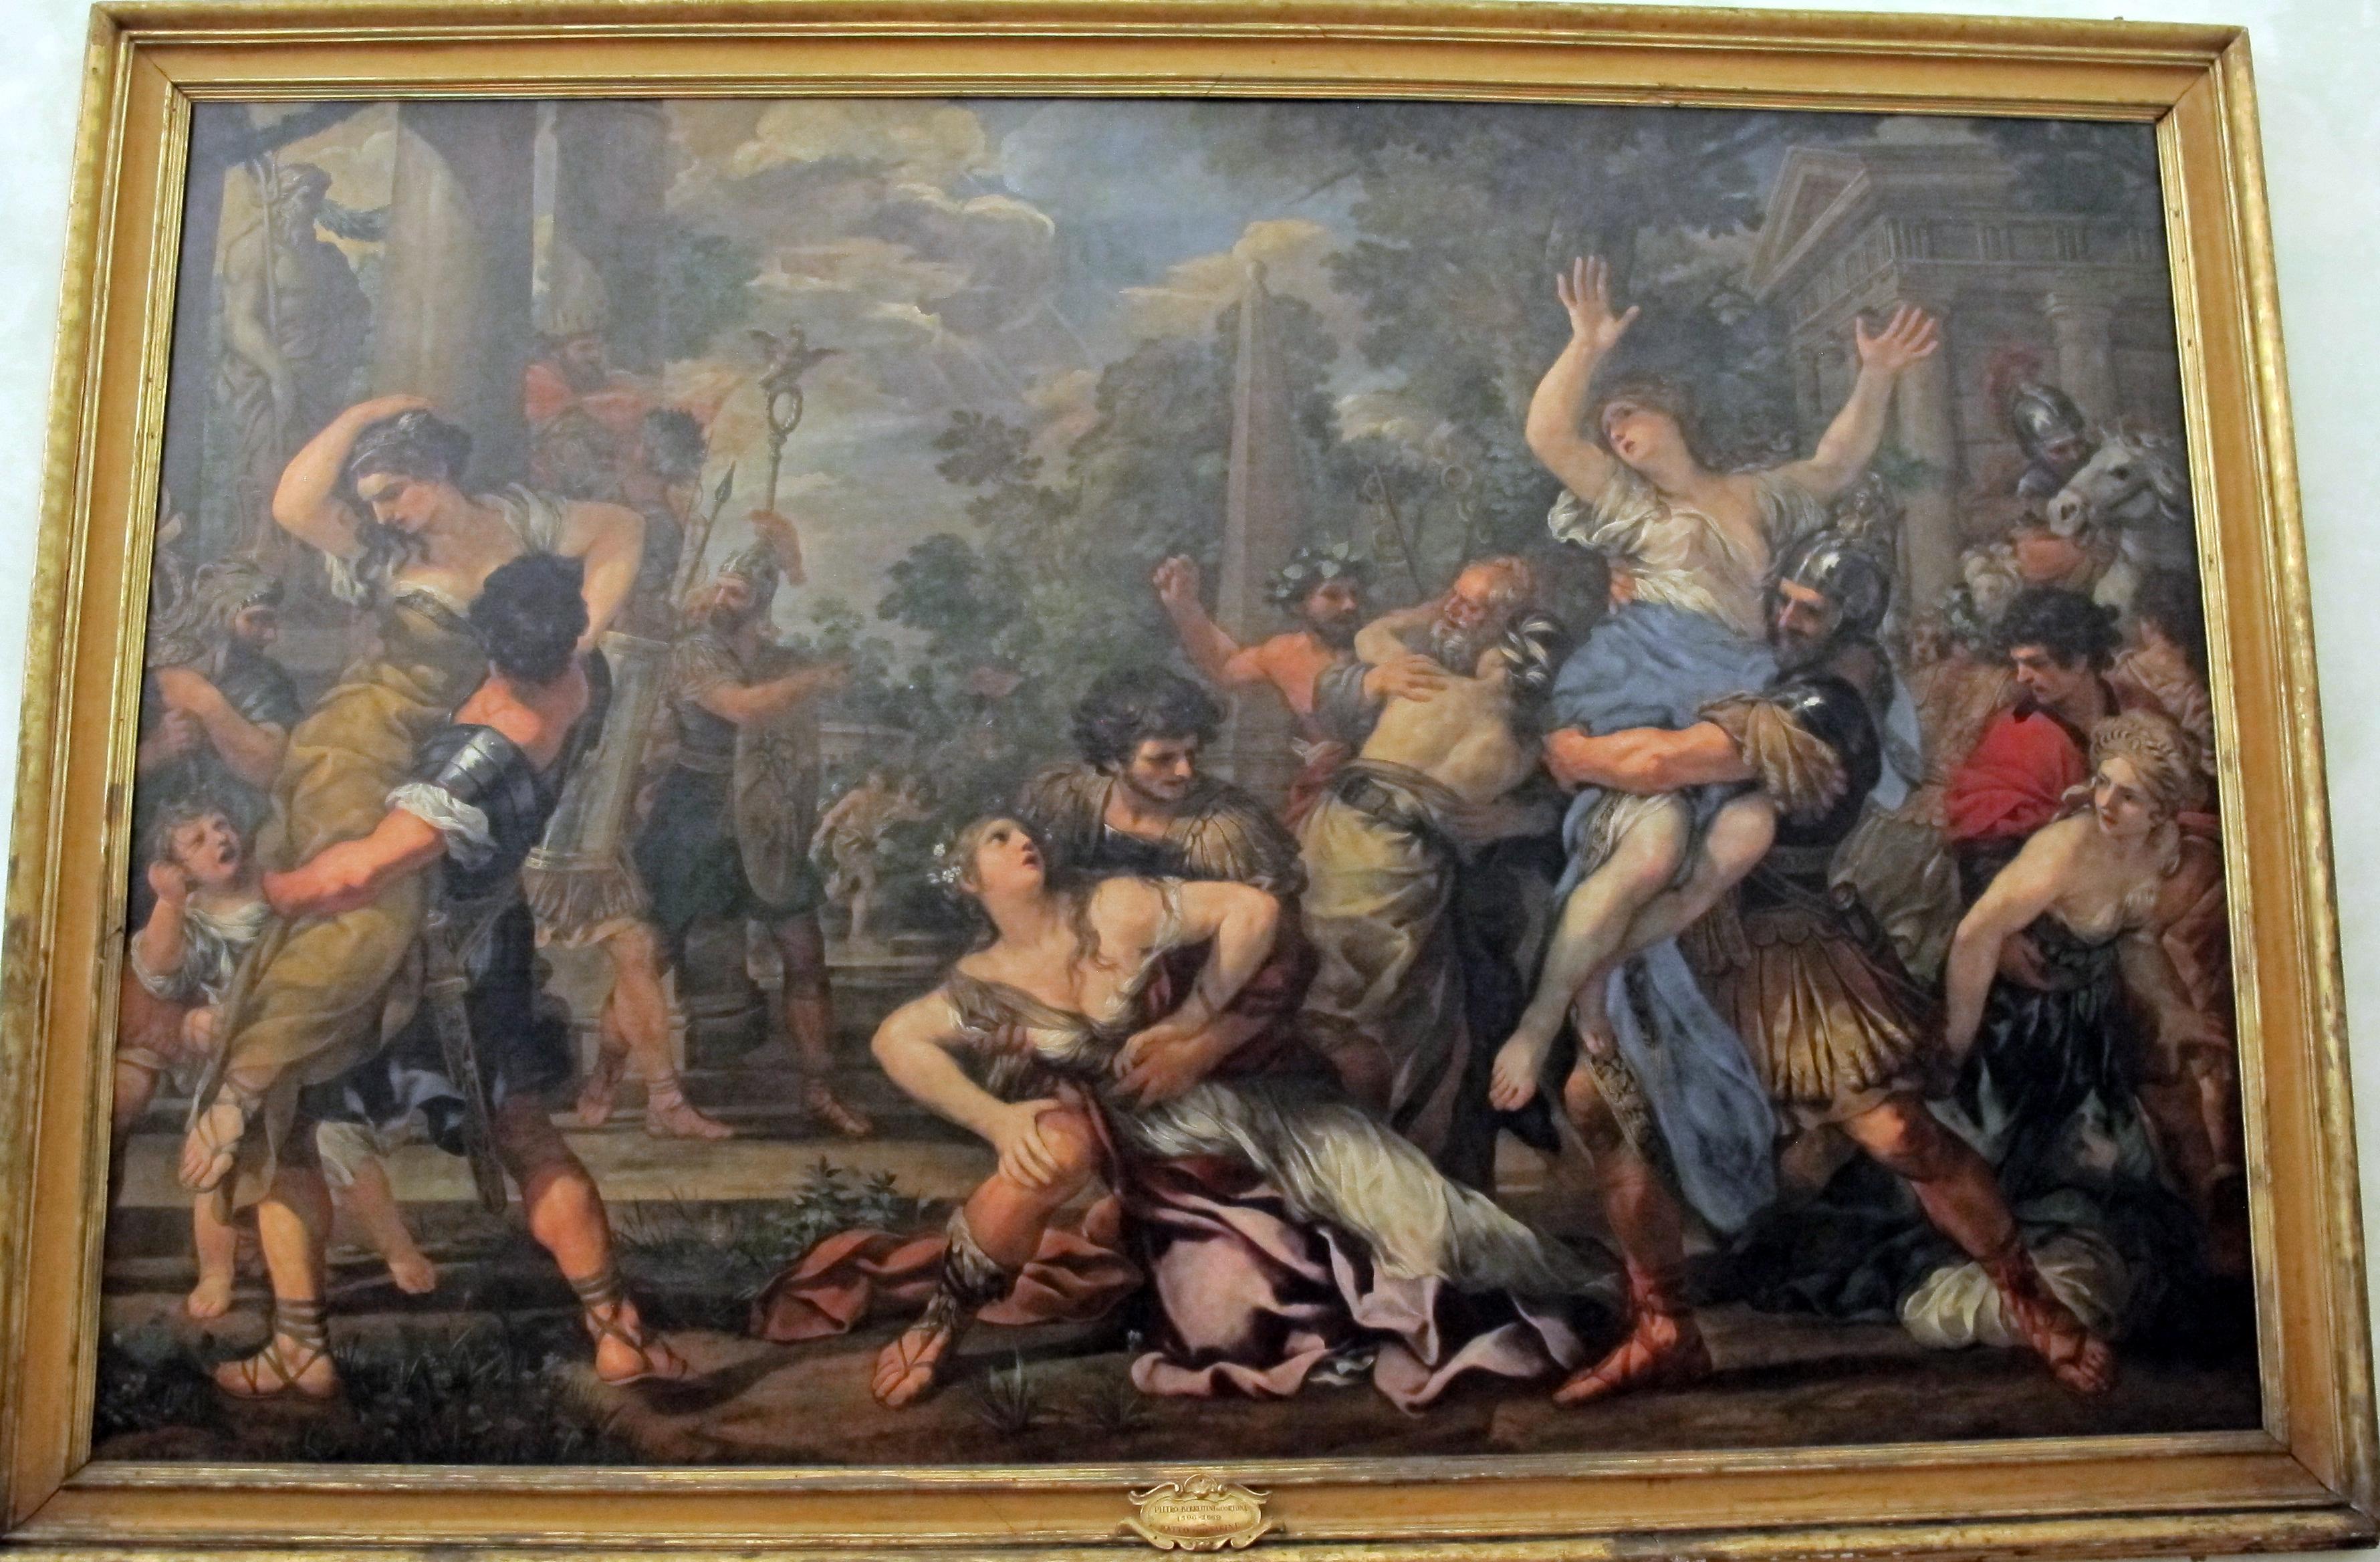 File:Pietro da cortona, ratto delle sabine, 1629 ca. 01 ...